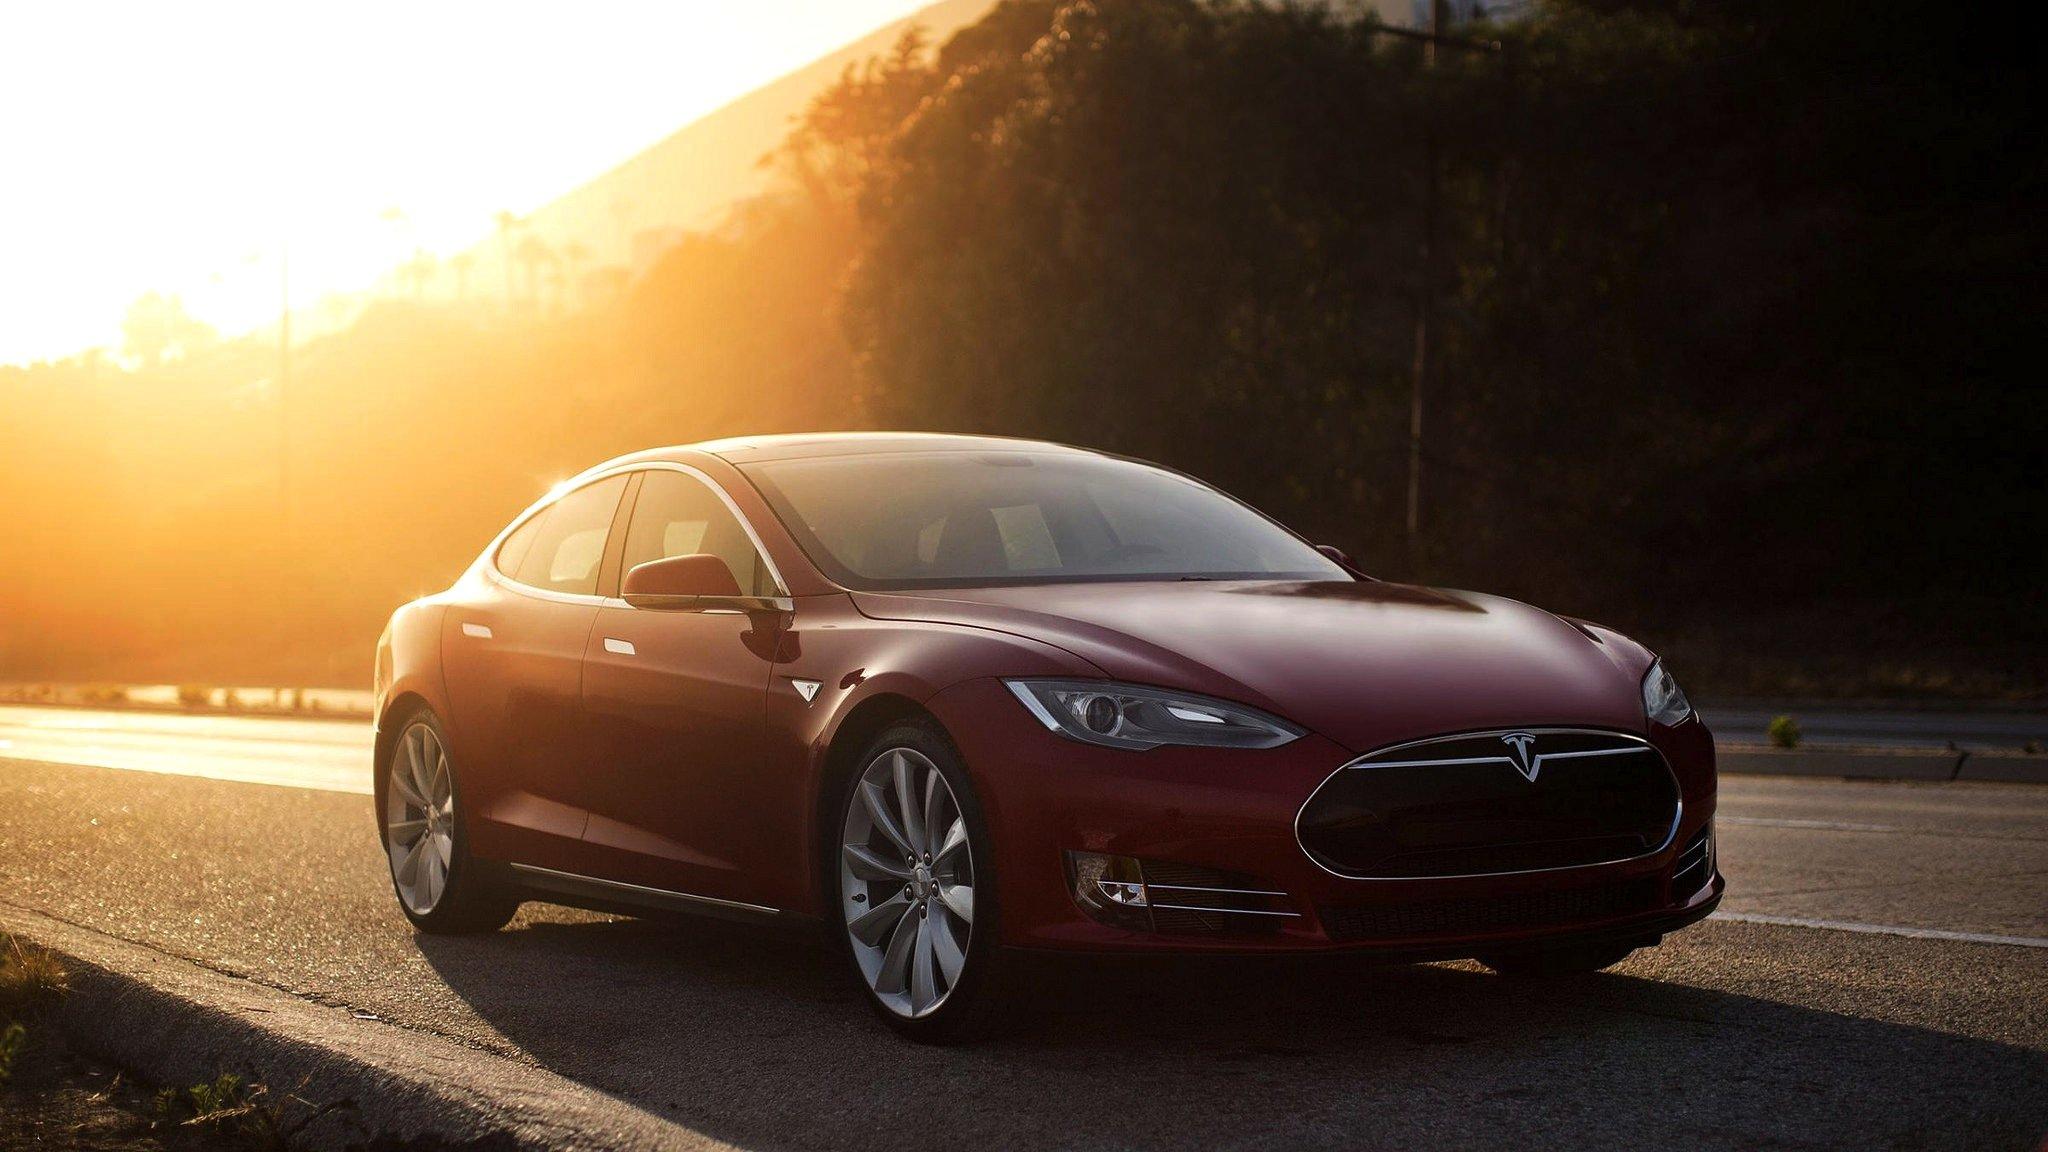 Mit der neuen Batterie beschleunigt das Model S in nur 2,5 Sekunden von 0 auf 100 km/h.